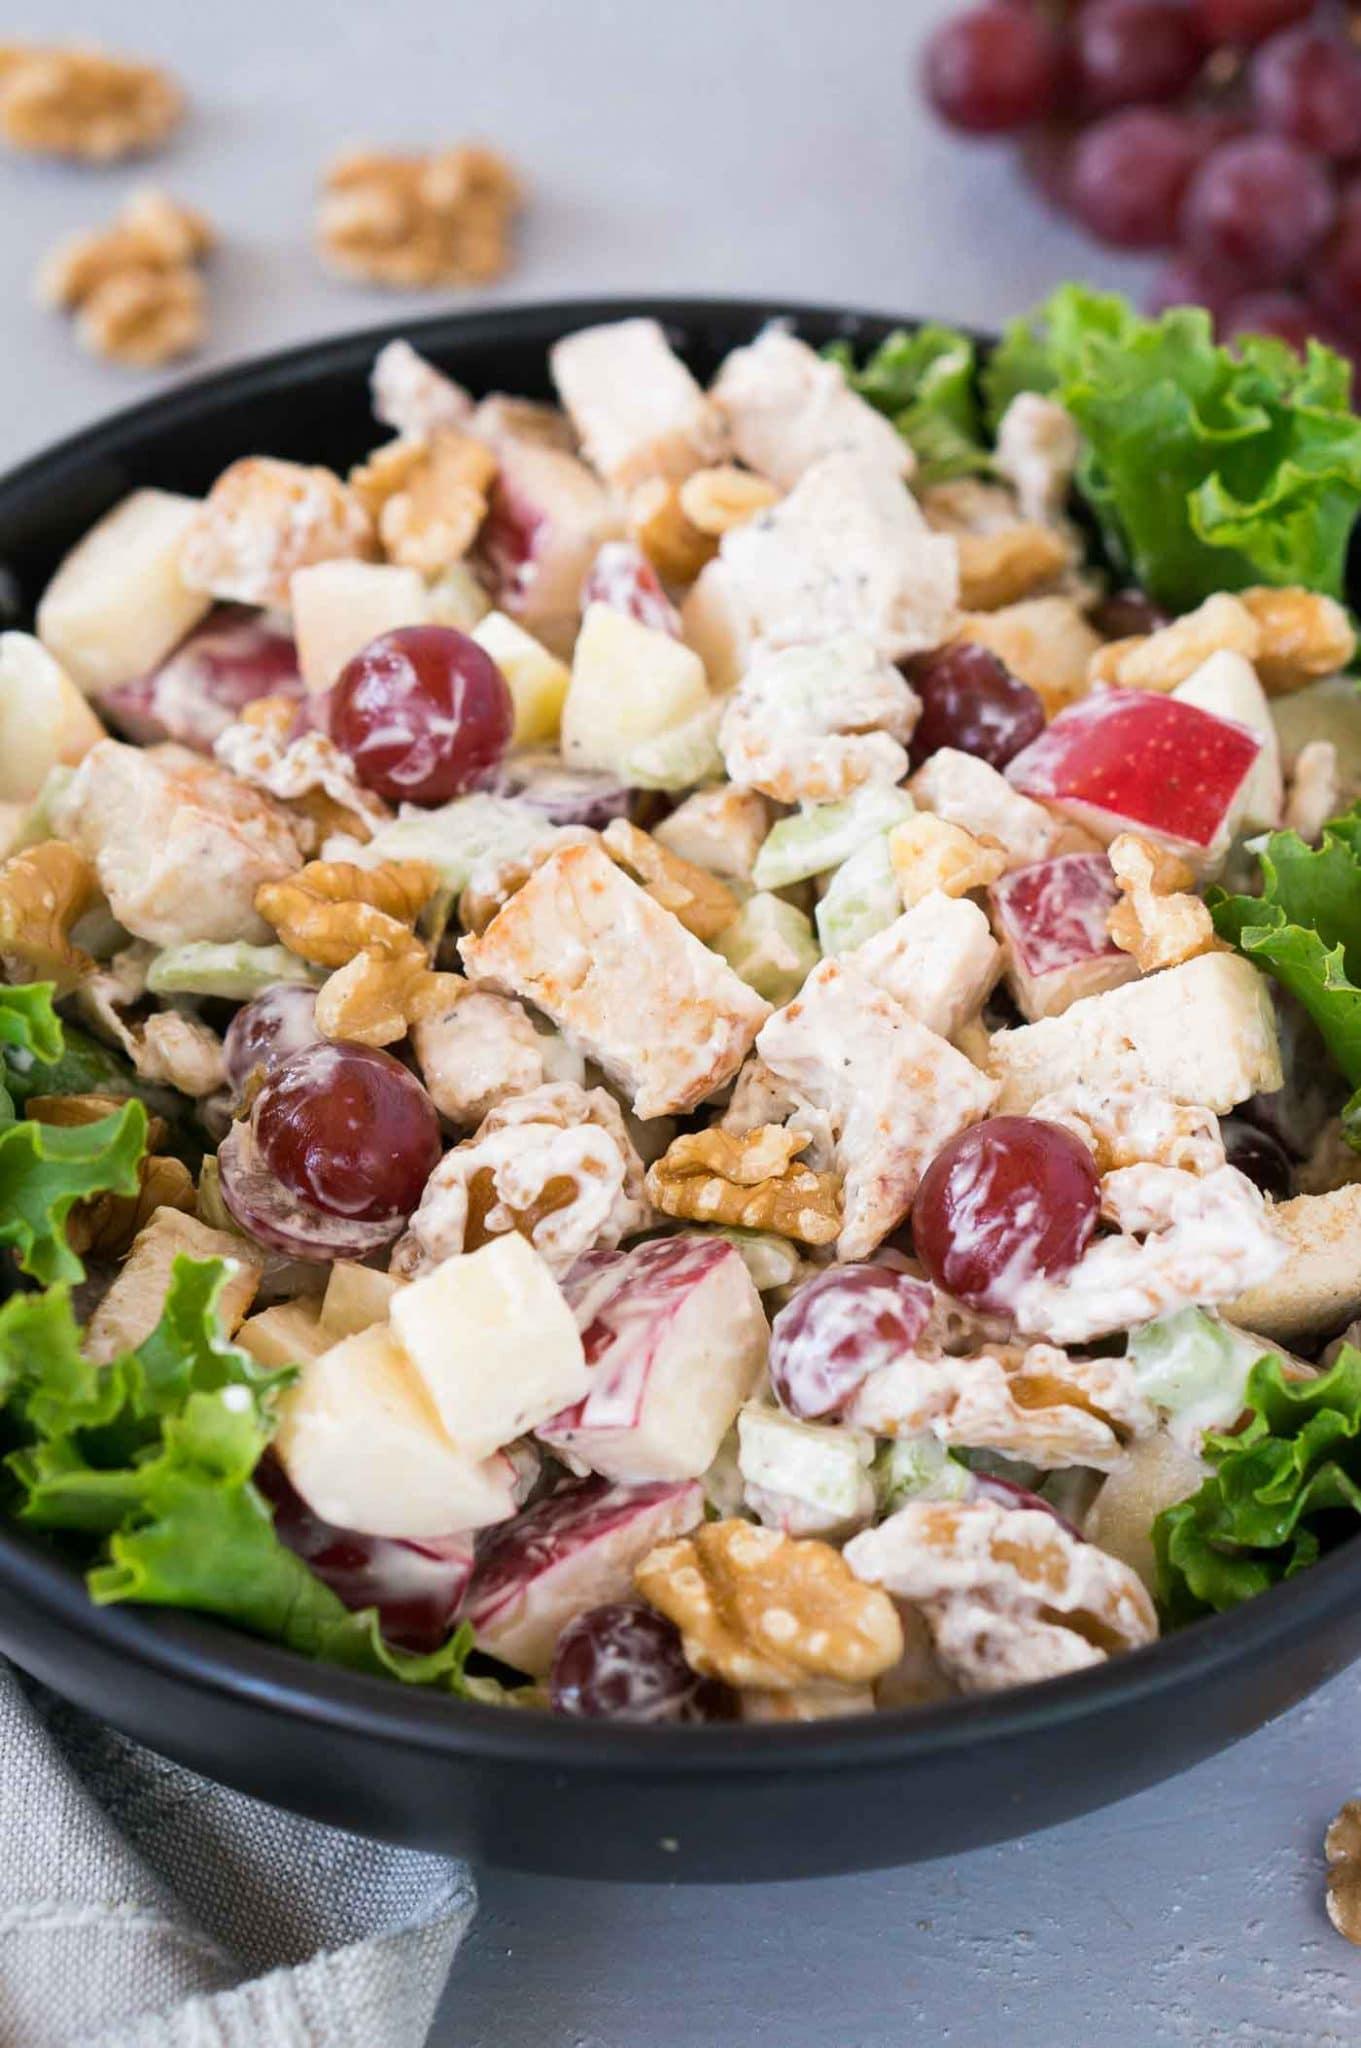 waldorf chicken salad in a bowl